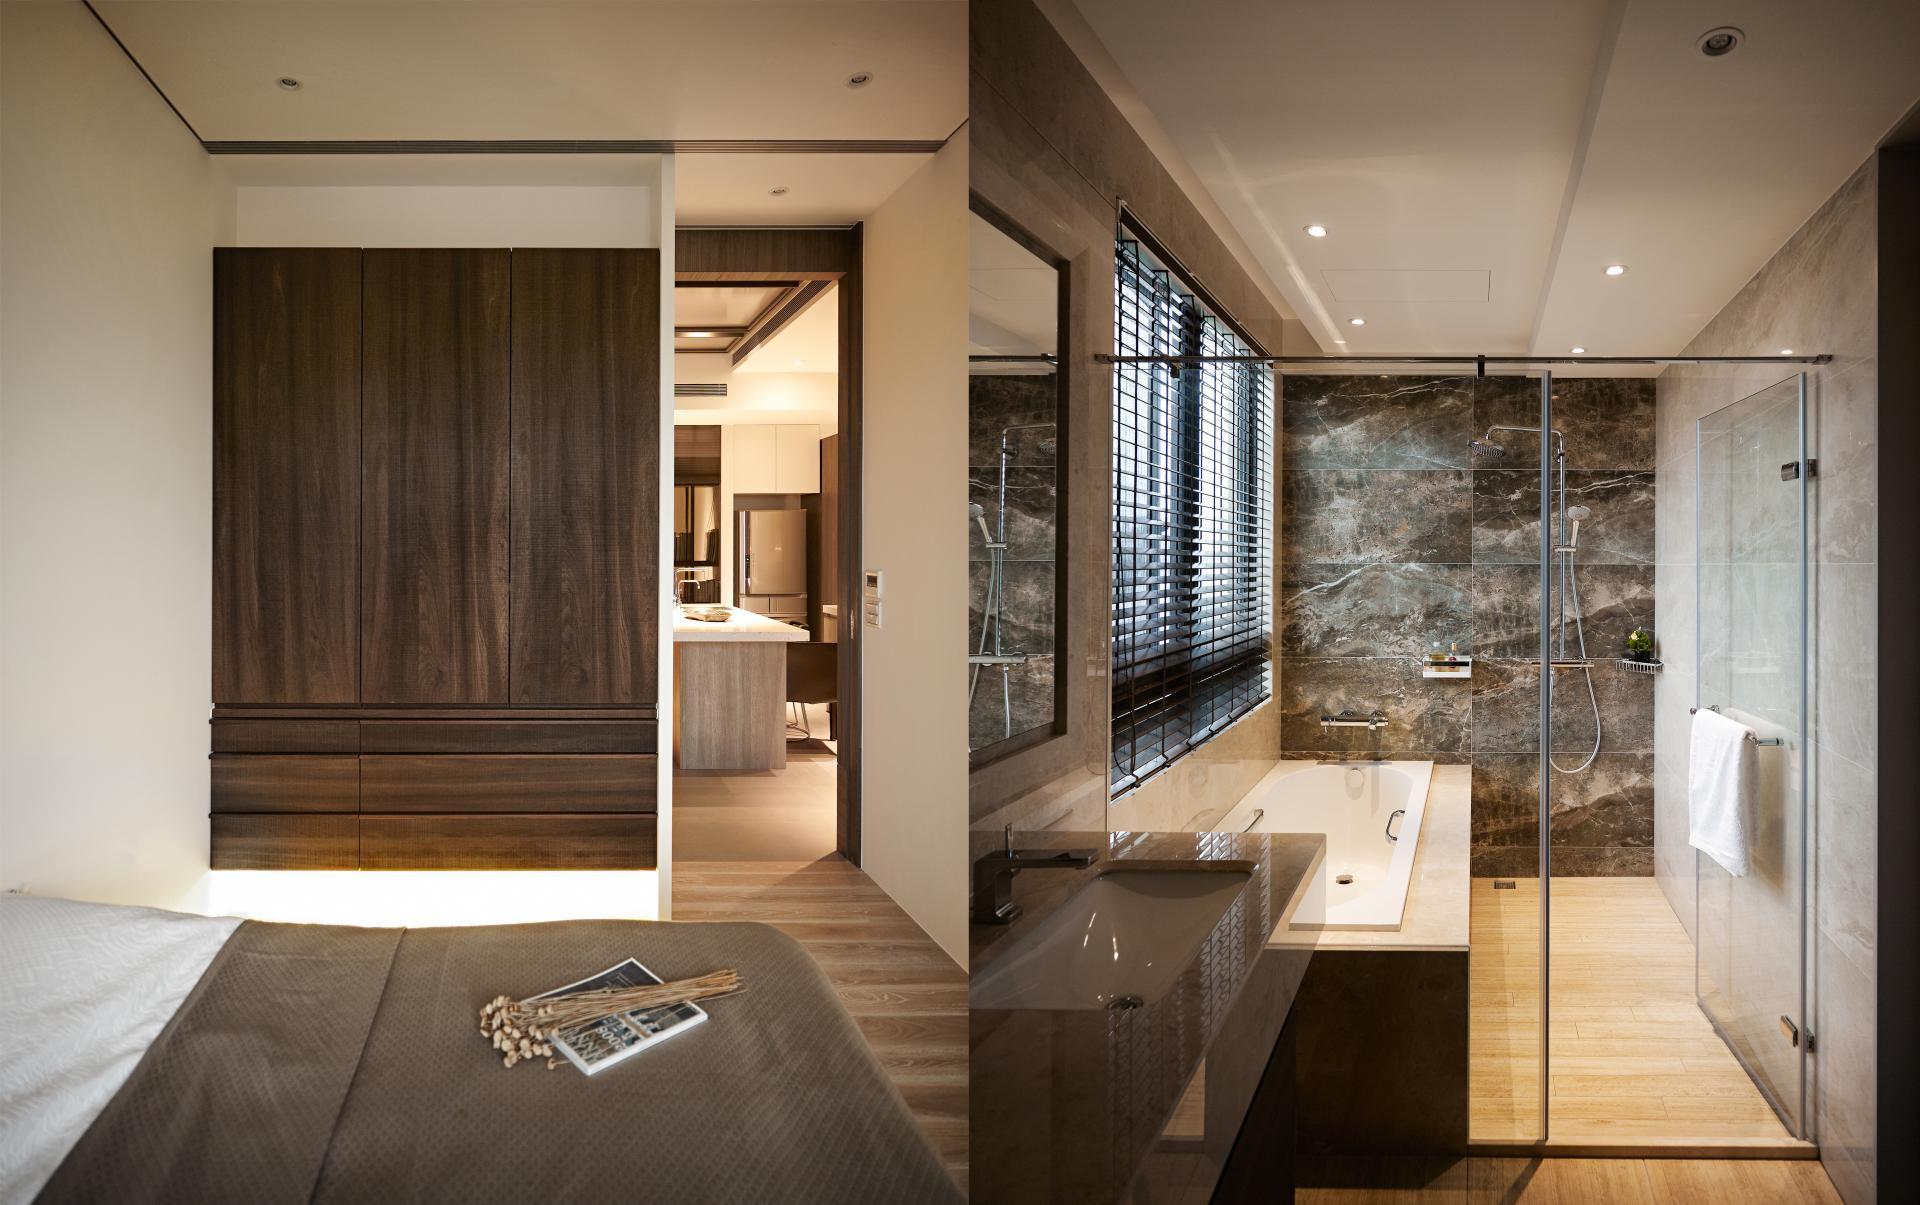 Wedo thiết kế nội thất phòng tắm đẹp lấy cảm hứng từ thiên nhiên